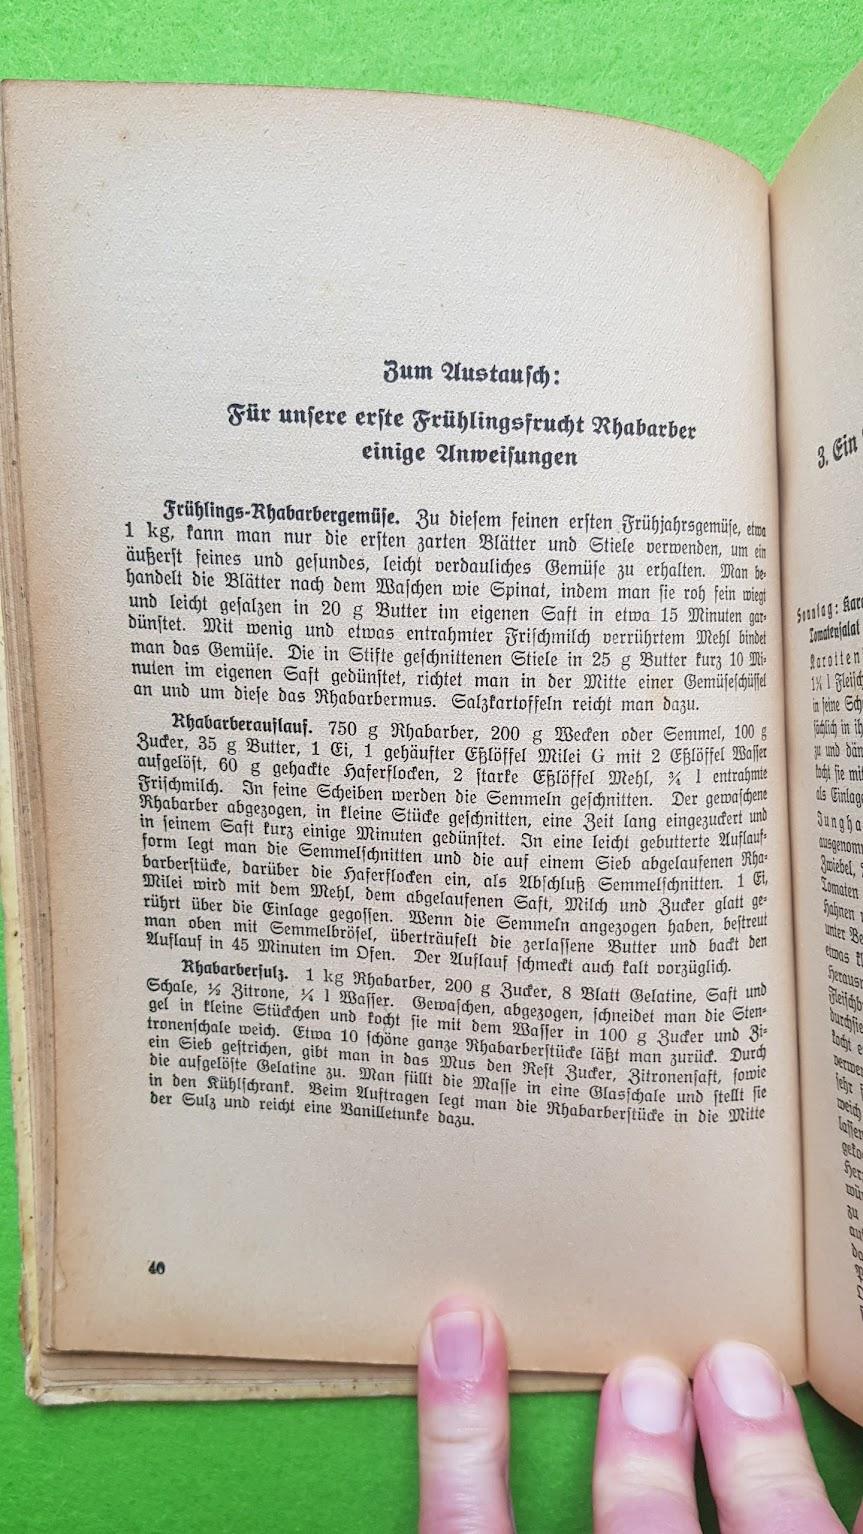 Eugen Bechtel, Nahrhaft, schmackhaft kochen - auch im Krieg!, 1940 - Rhabarber